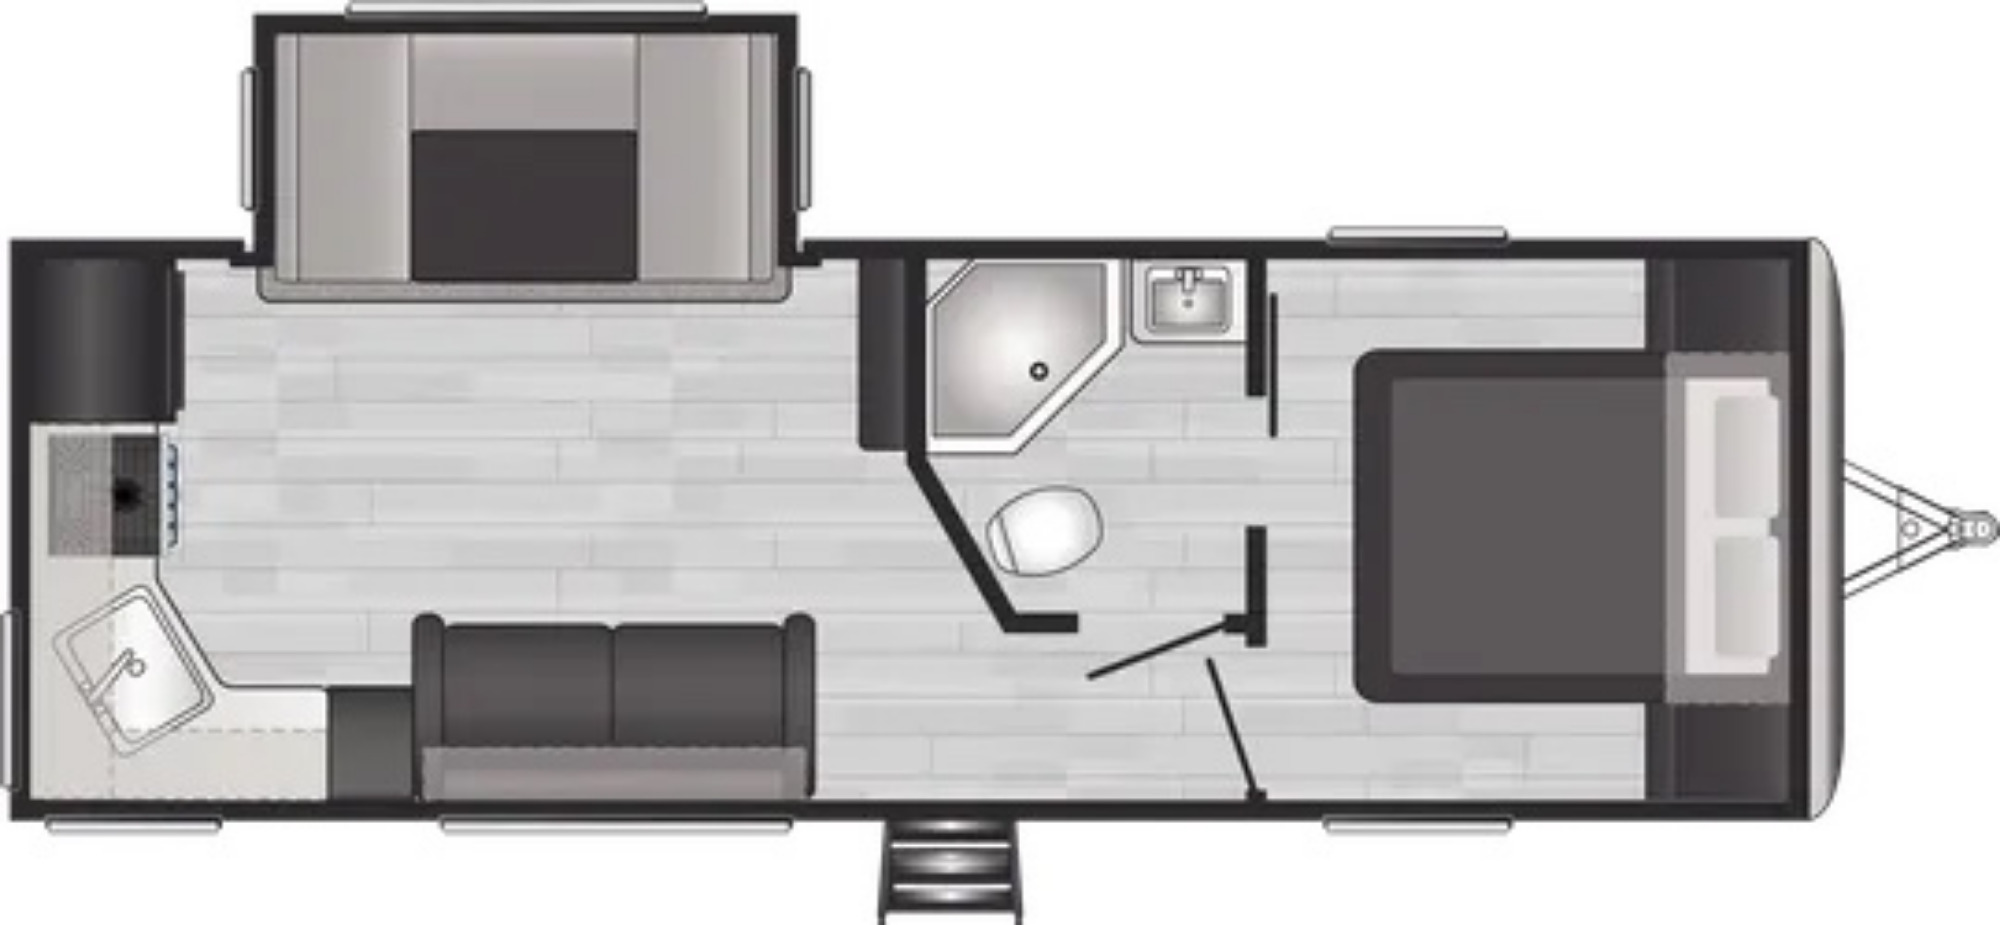 View Floor Plan for 2022 KEYSTONE SPRINGDALE 242RKWE